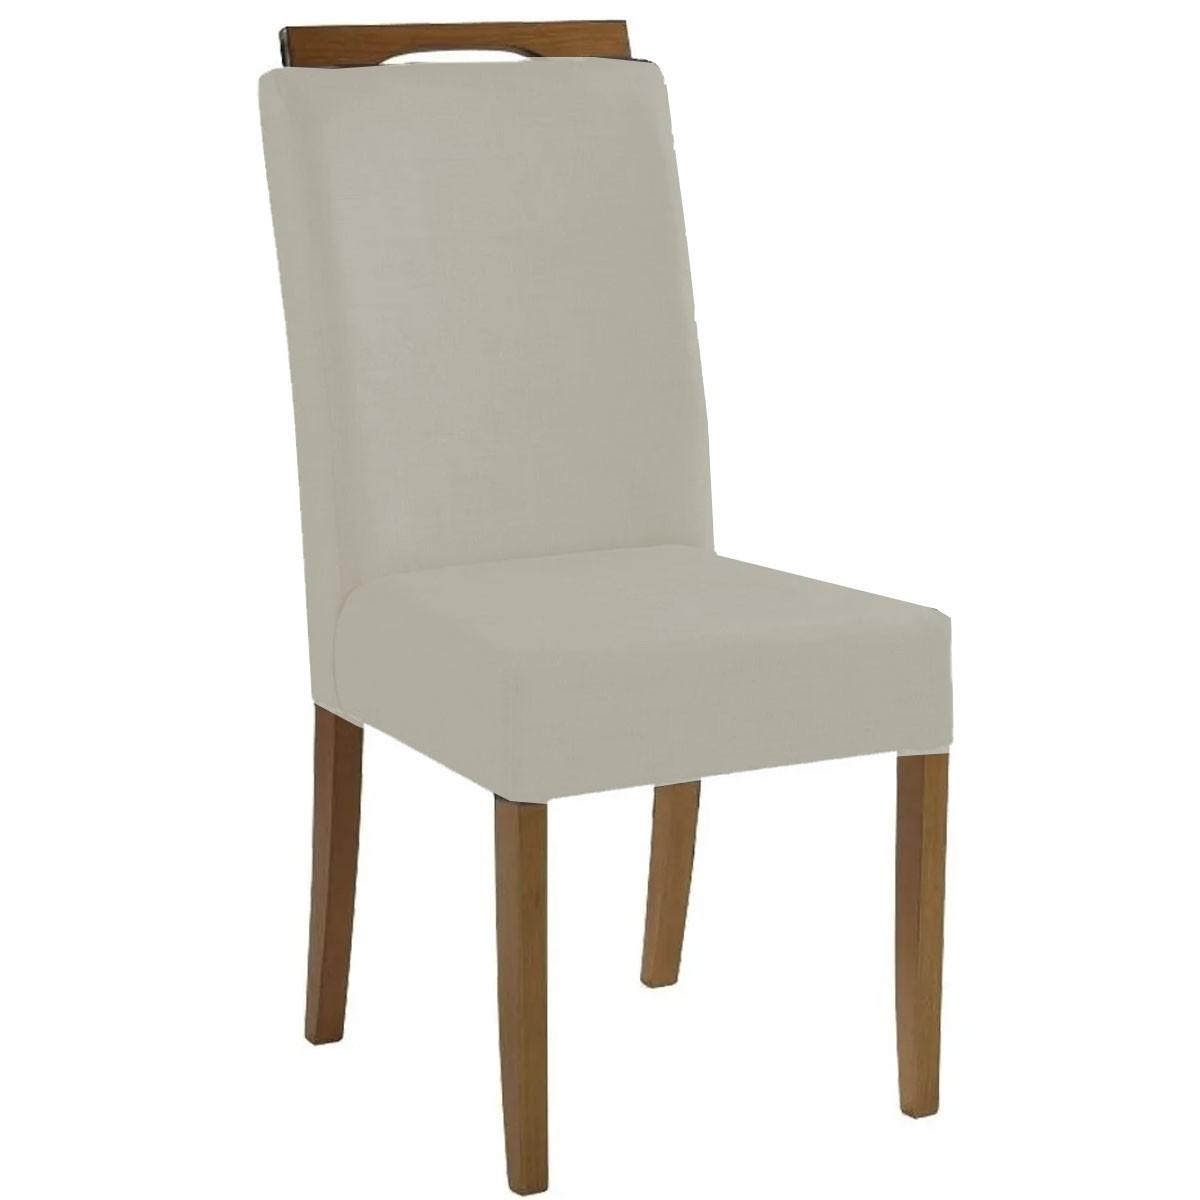 Kit 2 Cadeiras Estofadas Fabiana 100% Madeira Suede Bege